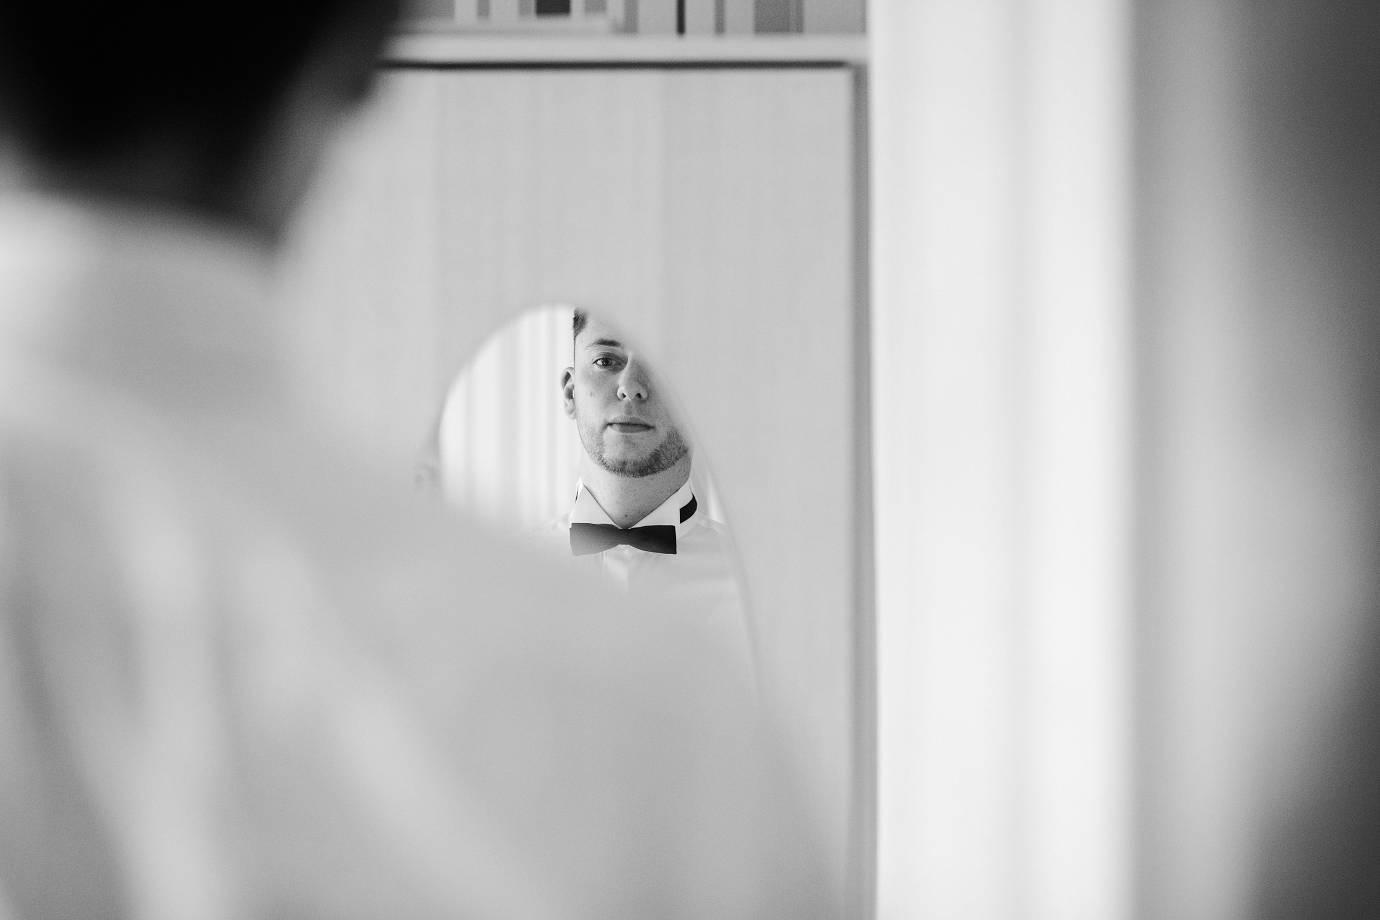 hochzeitsfotograf hambergen 011 - Iris+Sascha